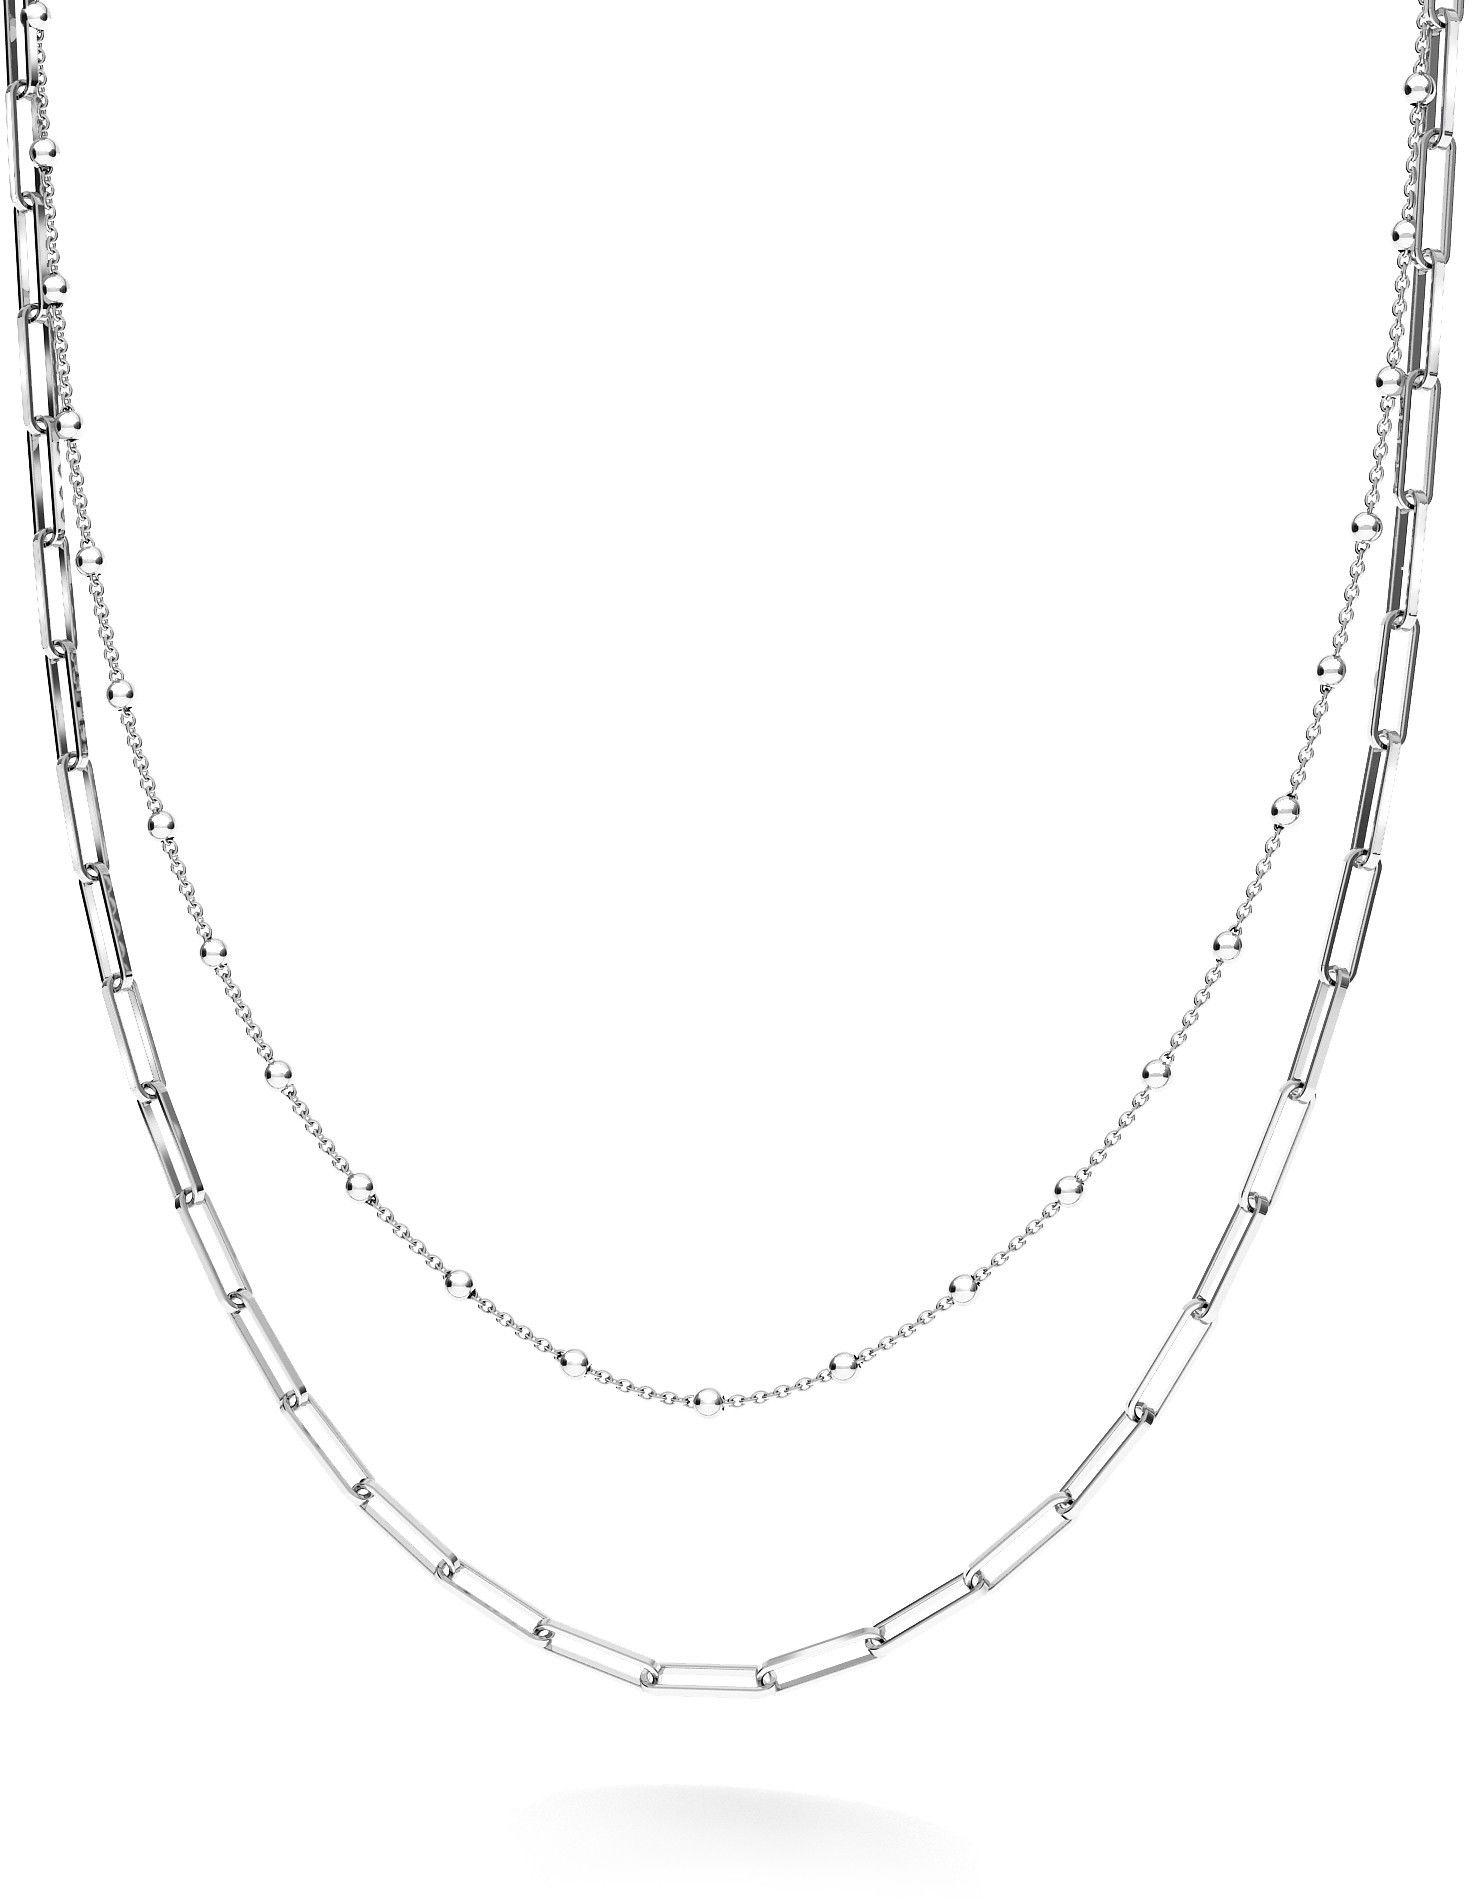 Srebrny łańcuszek kulkowy do wpinania charmsów, srebro 925 : Srebro - kolor pokrycia - Pokrycie platyną